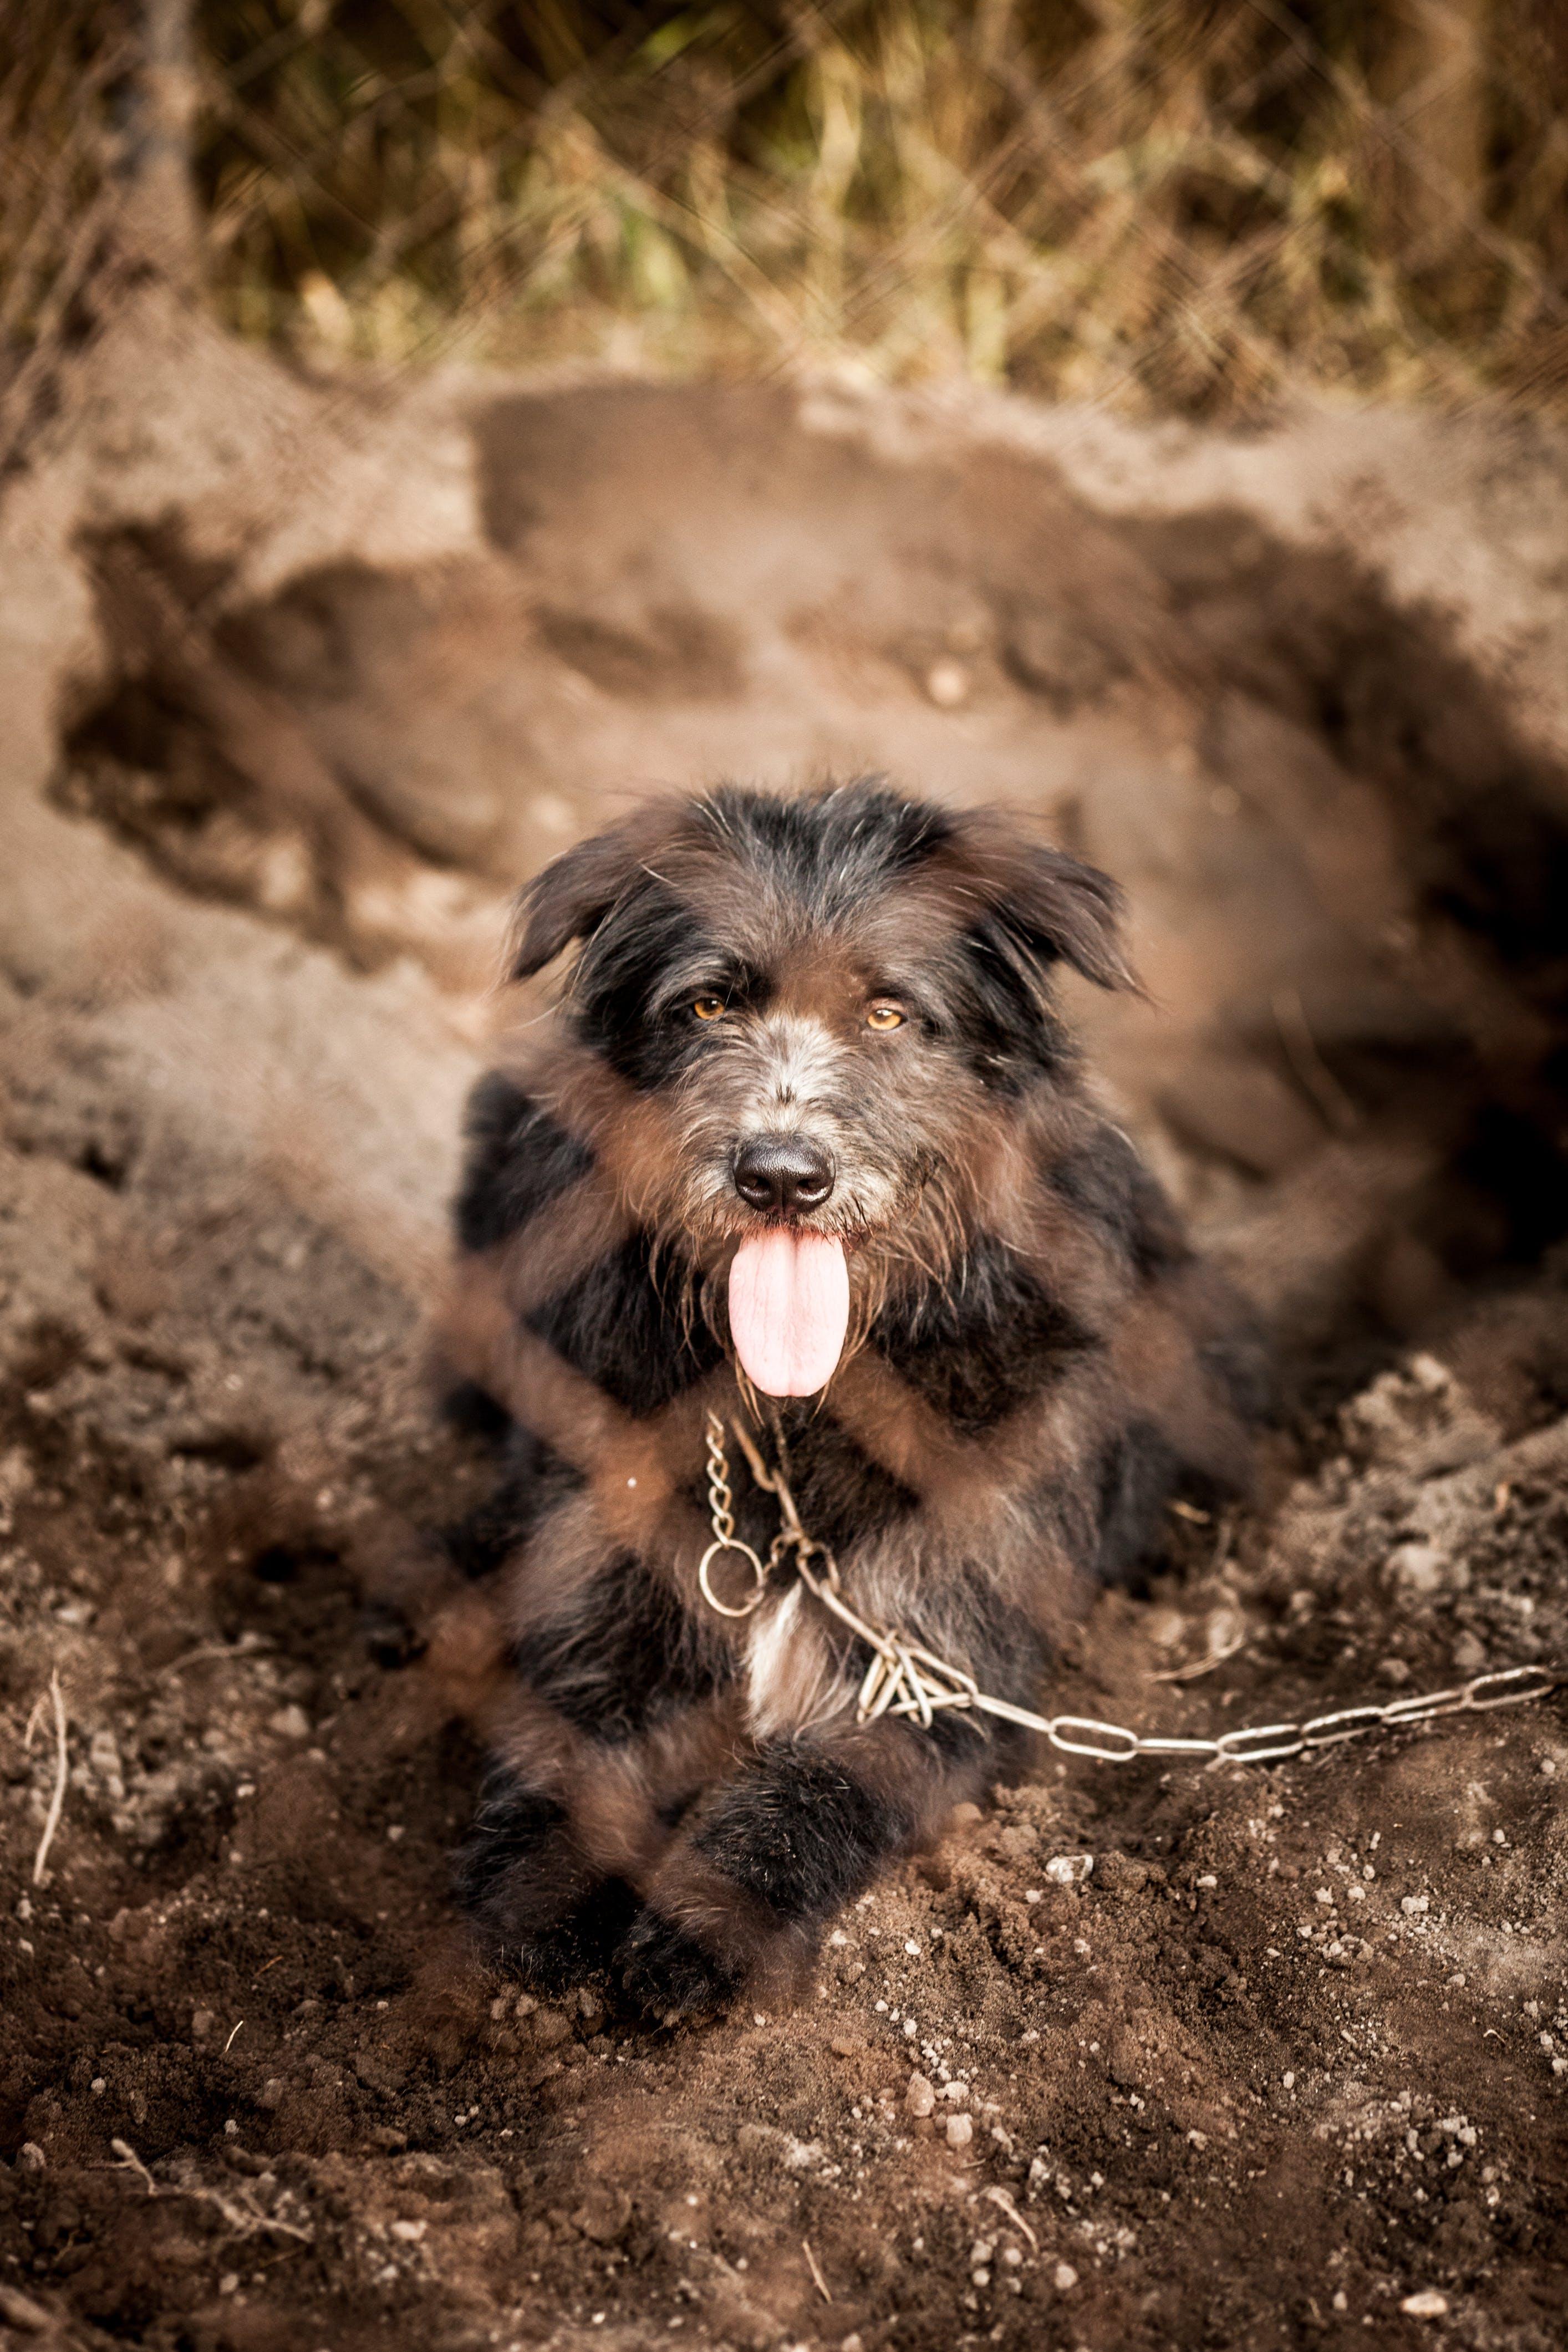 Kostenloses Stock Foto zu hund, obdachloser hund, streunender hund, tier